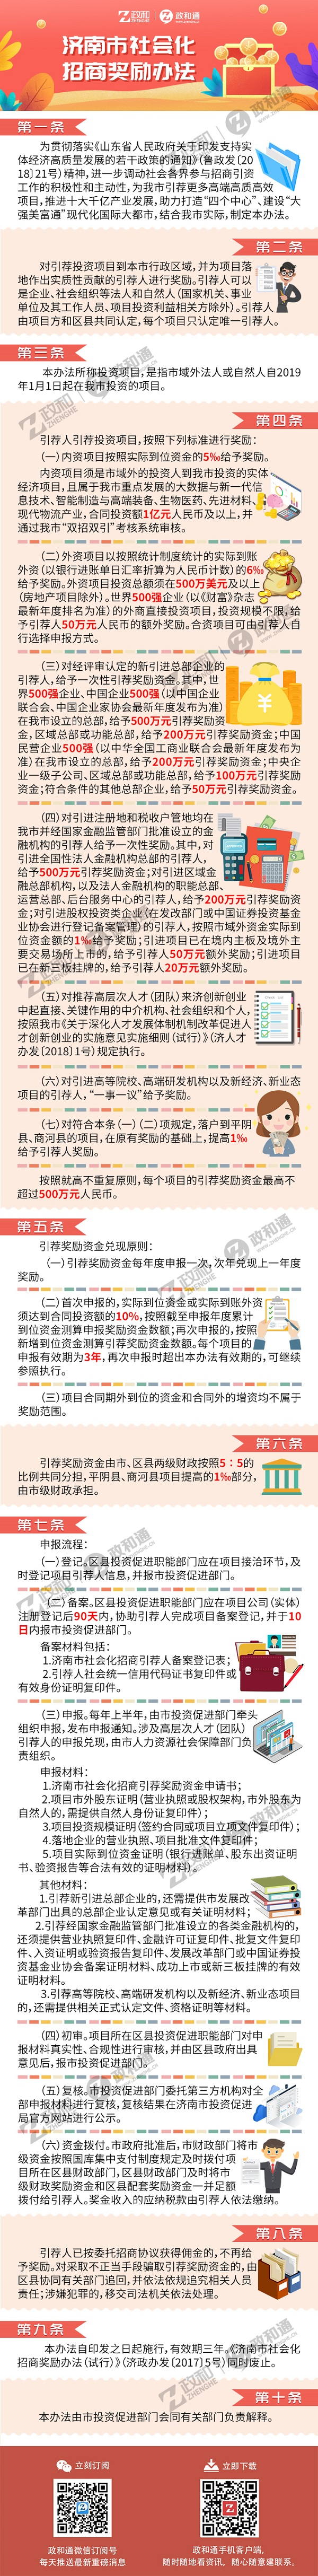 政和通 济南市社会化招商奖励办法.jpg